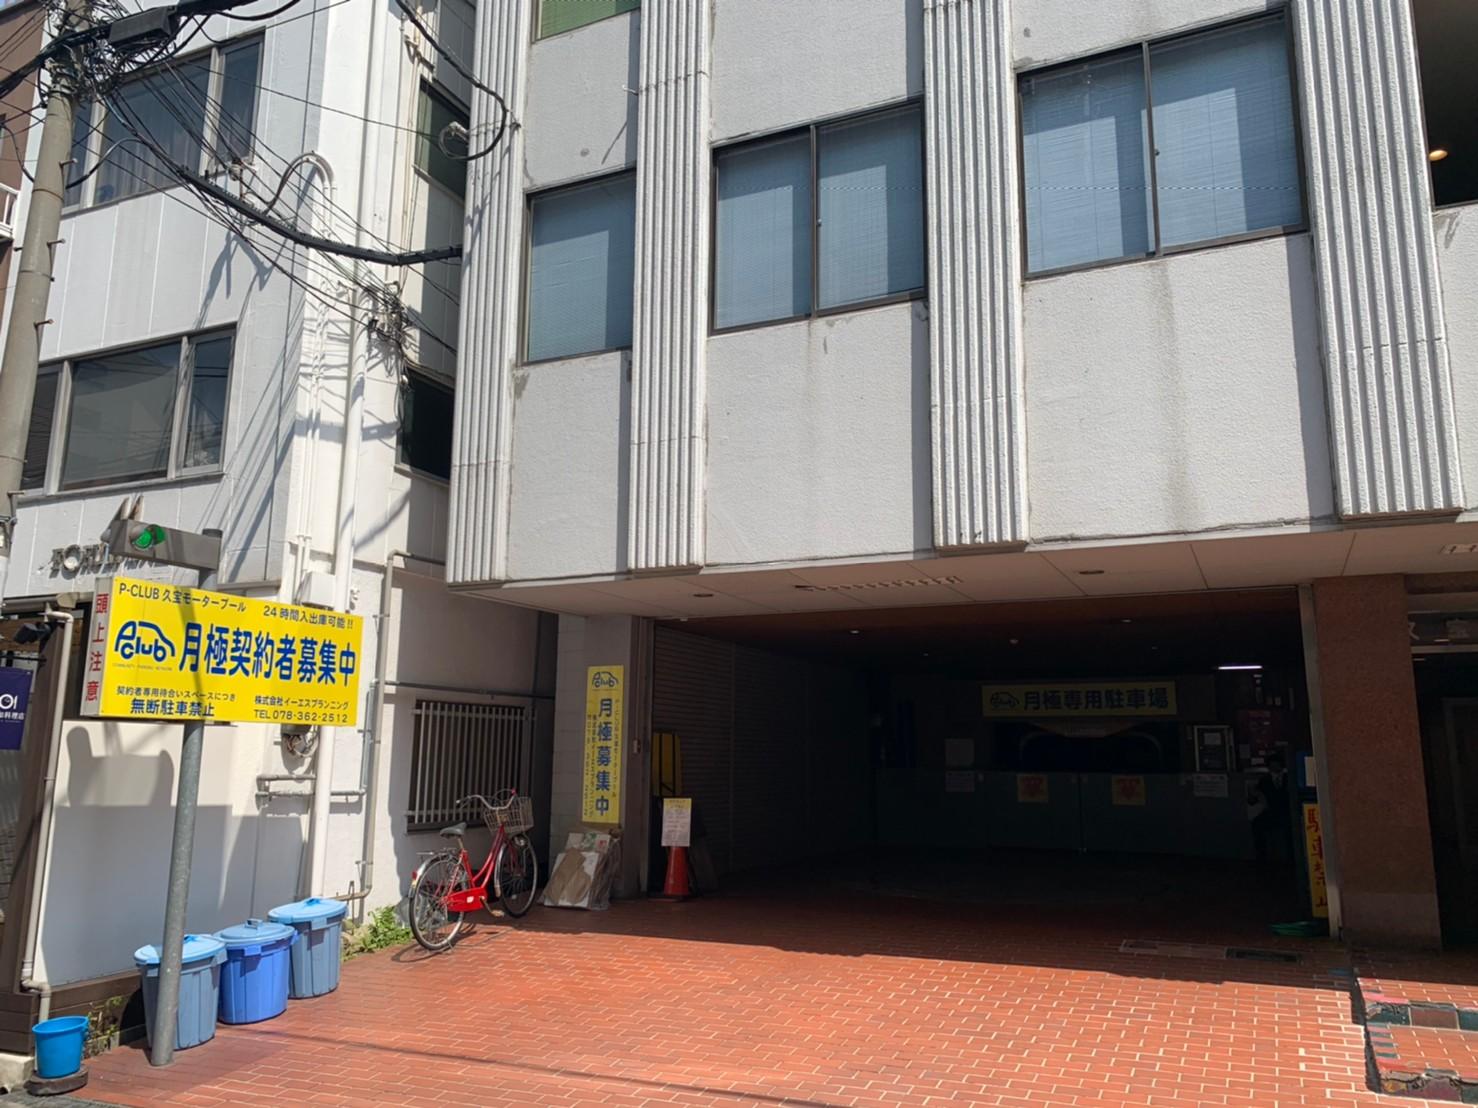 【月極駐車場 大阪市中央区北久宝寺町】P-CLUB久宝モータープール